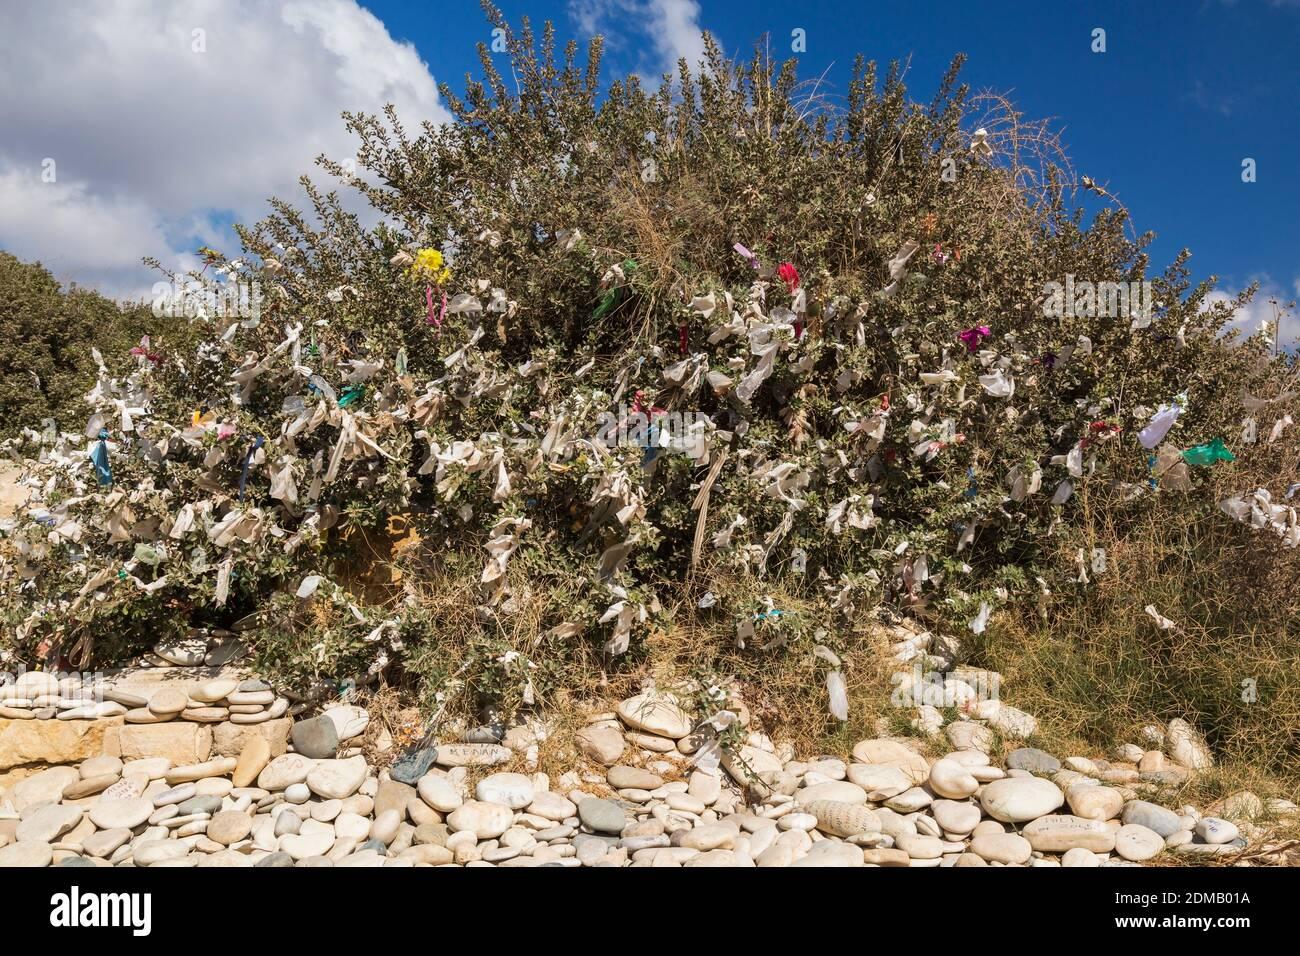 Pébbles lisses et arbre de souhaits avec des offrandes de prière liées aux branches de la plage de Petra tou Romiou, Pafos, Chypre. Banque D'Images